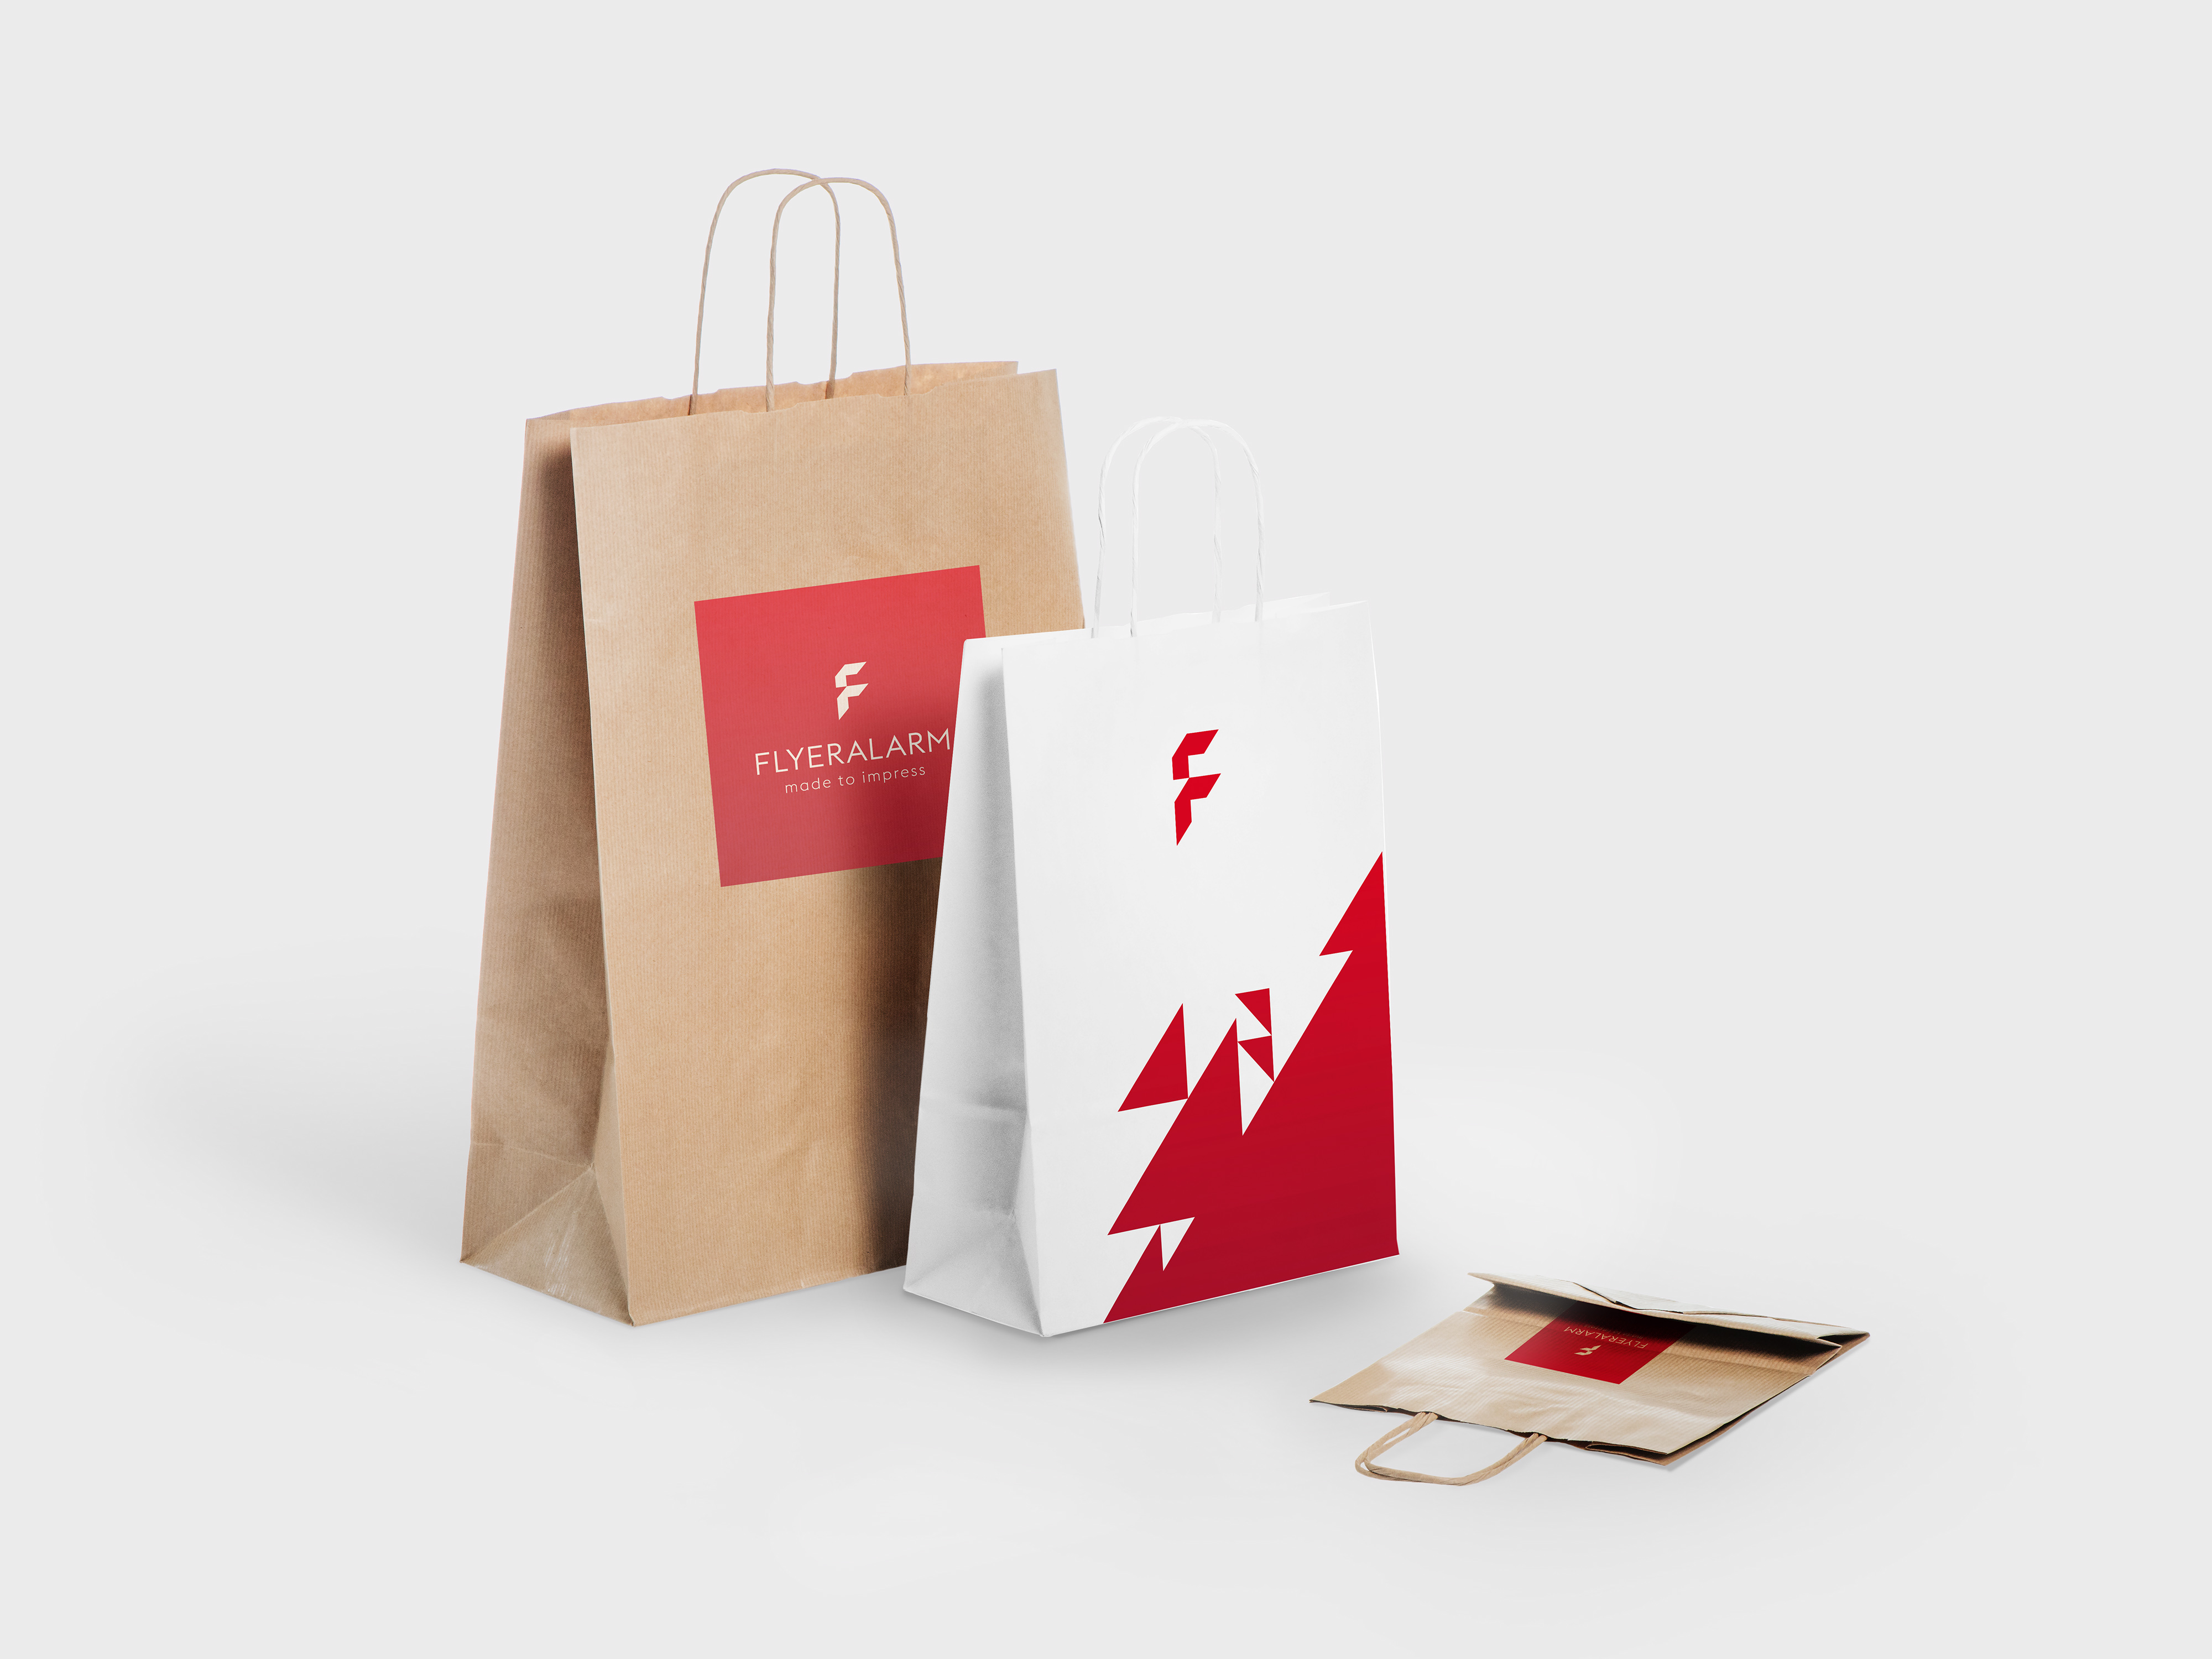 FLYERALARM Store Bolzano